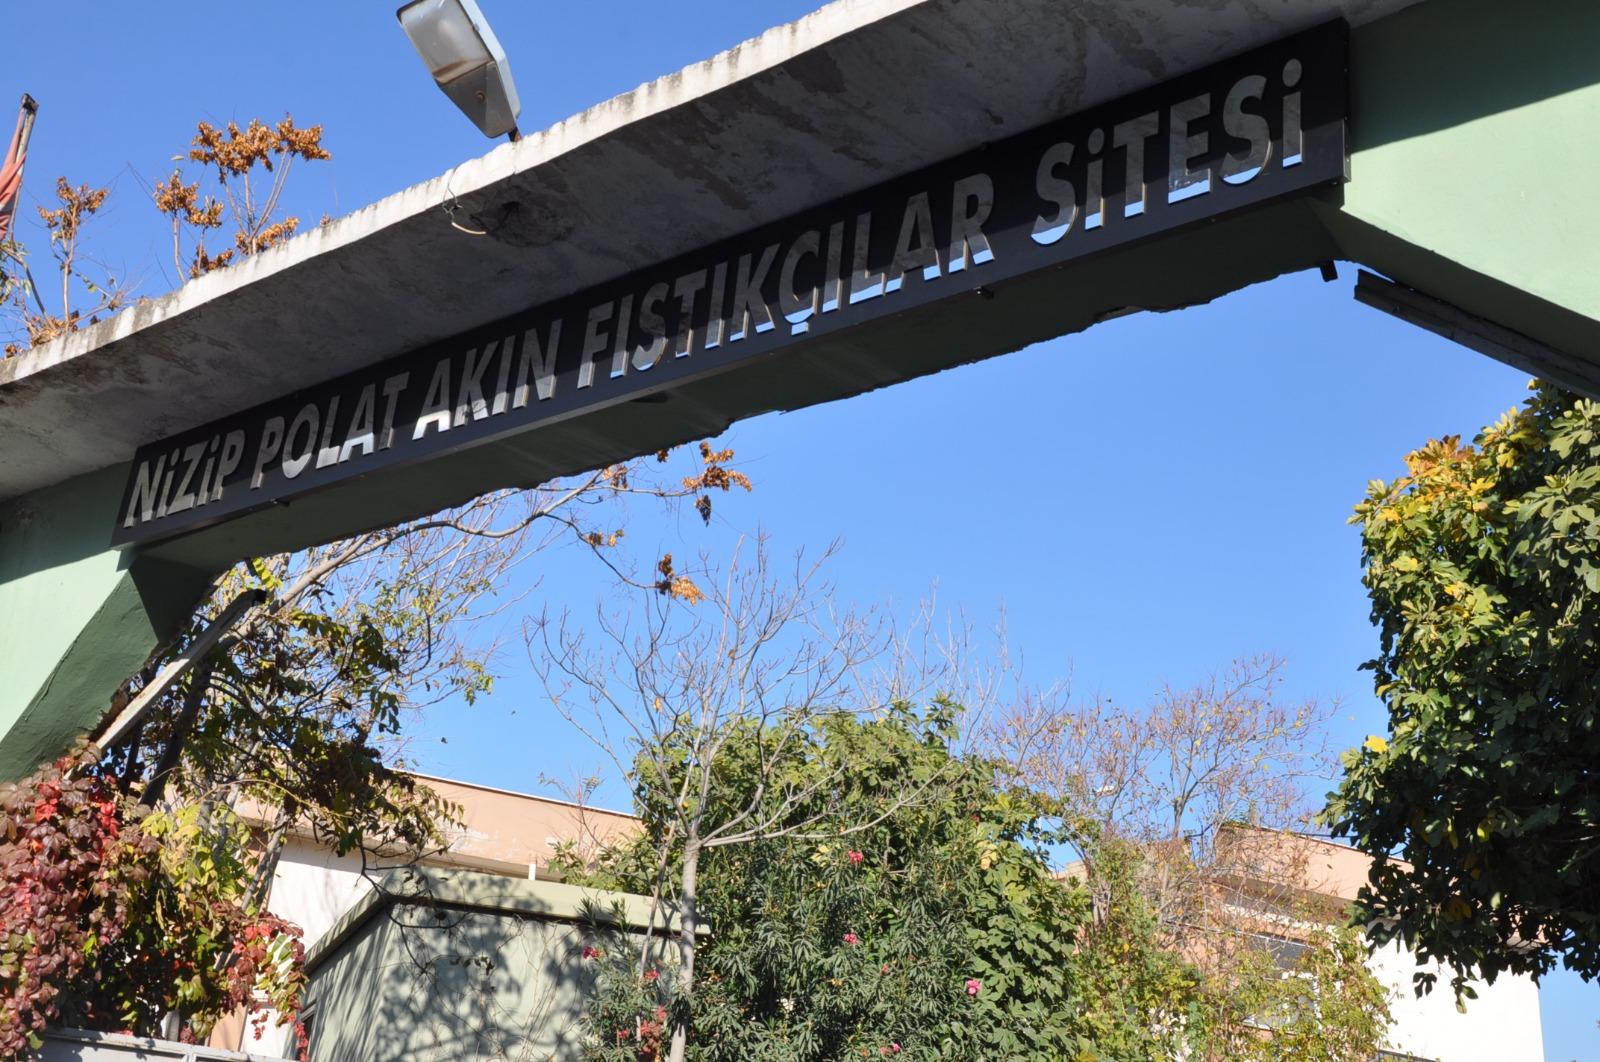 Merhum Polat Akının Ismi Fıstık Halinde Yaşayacak...